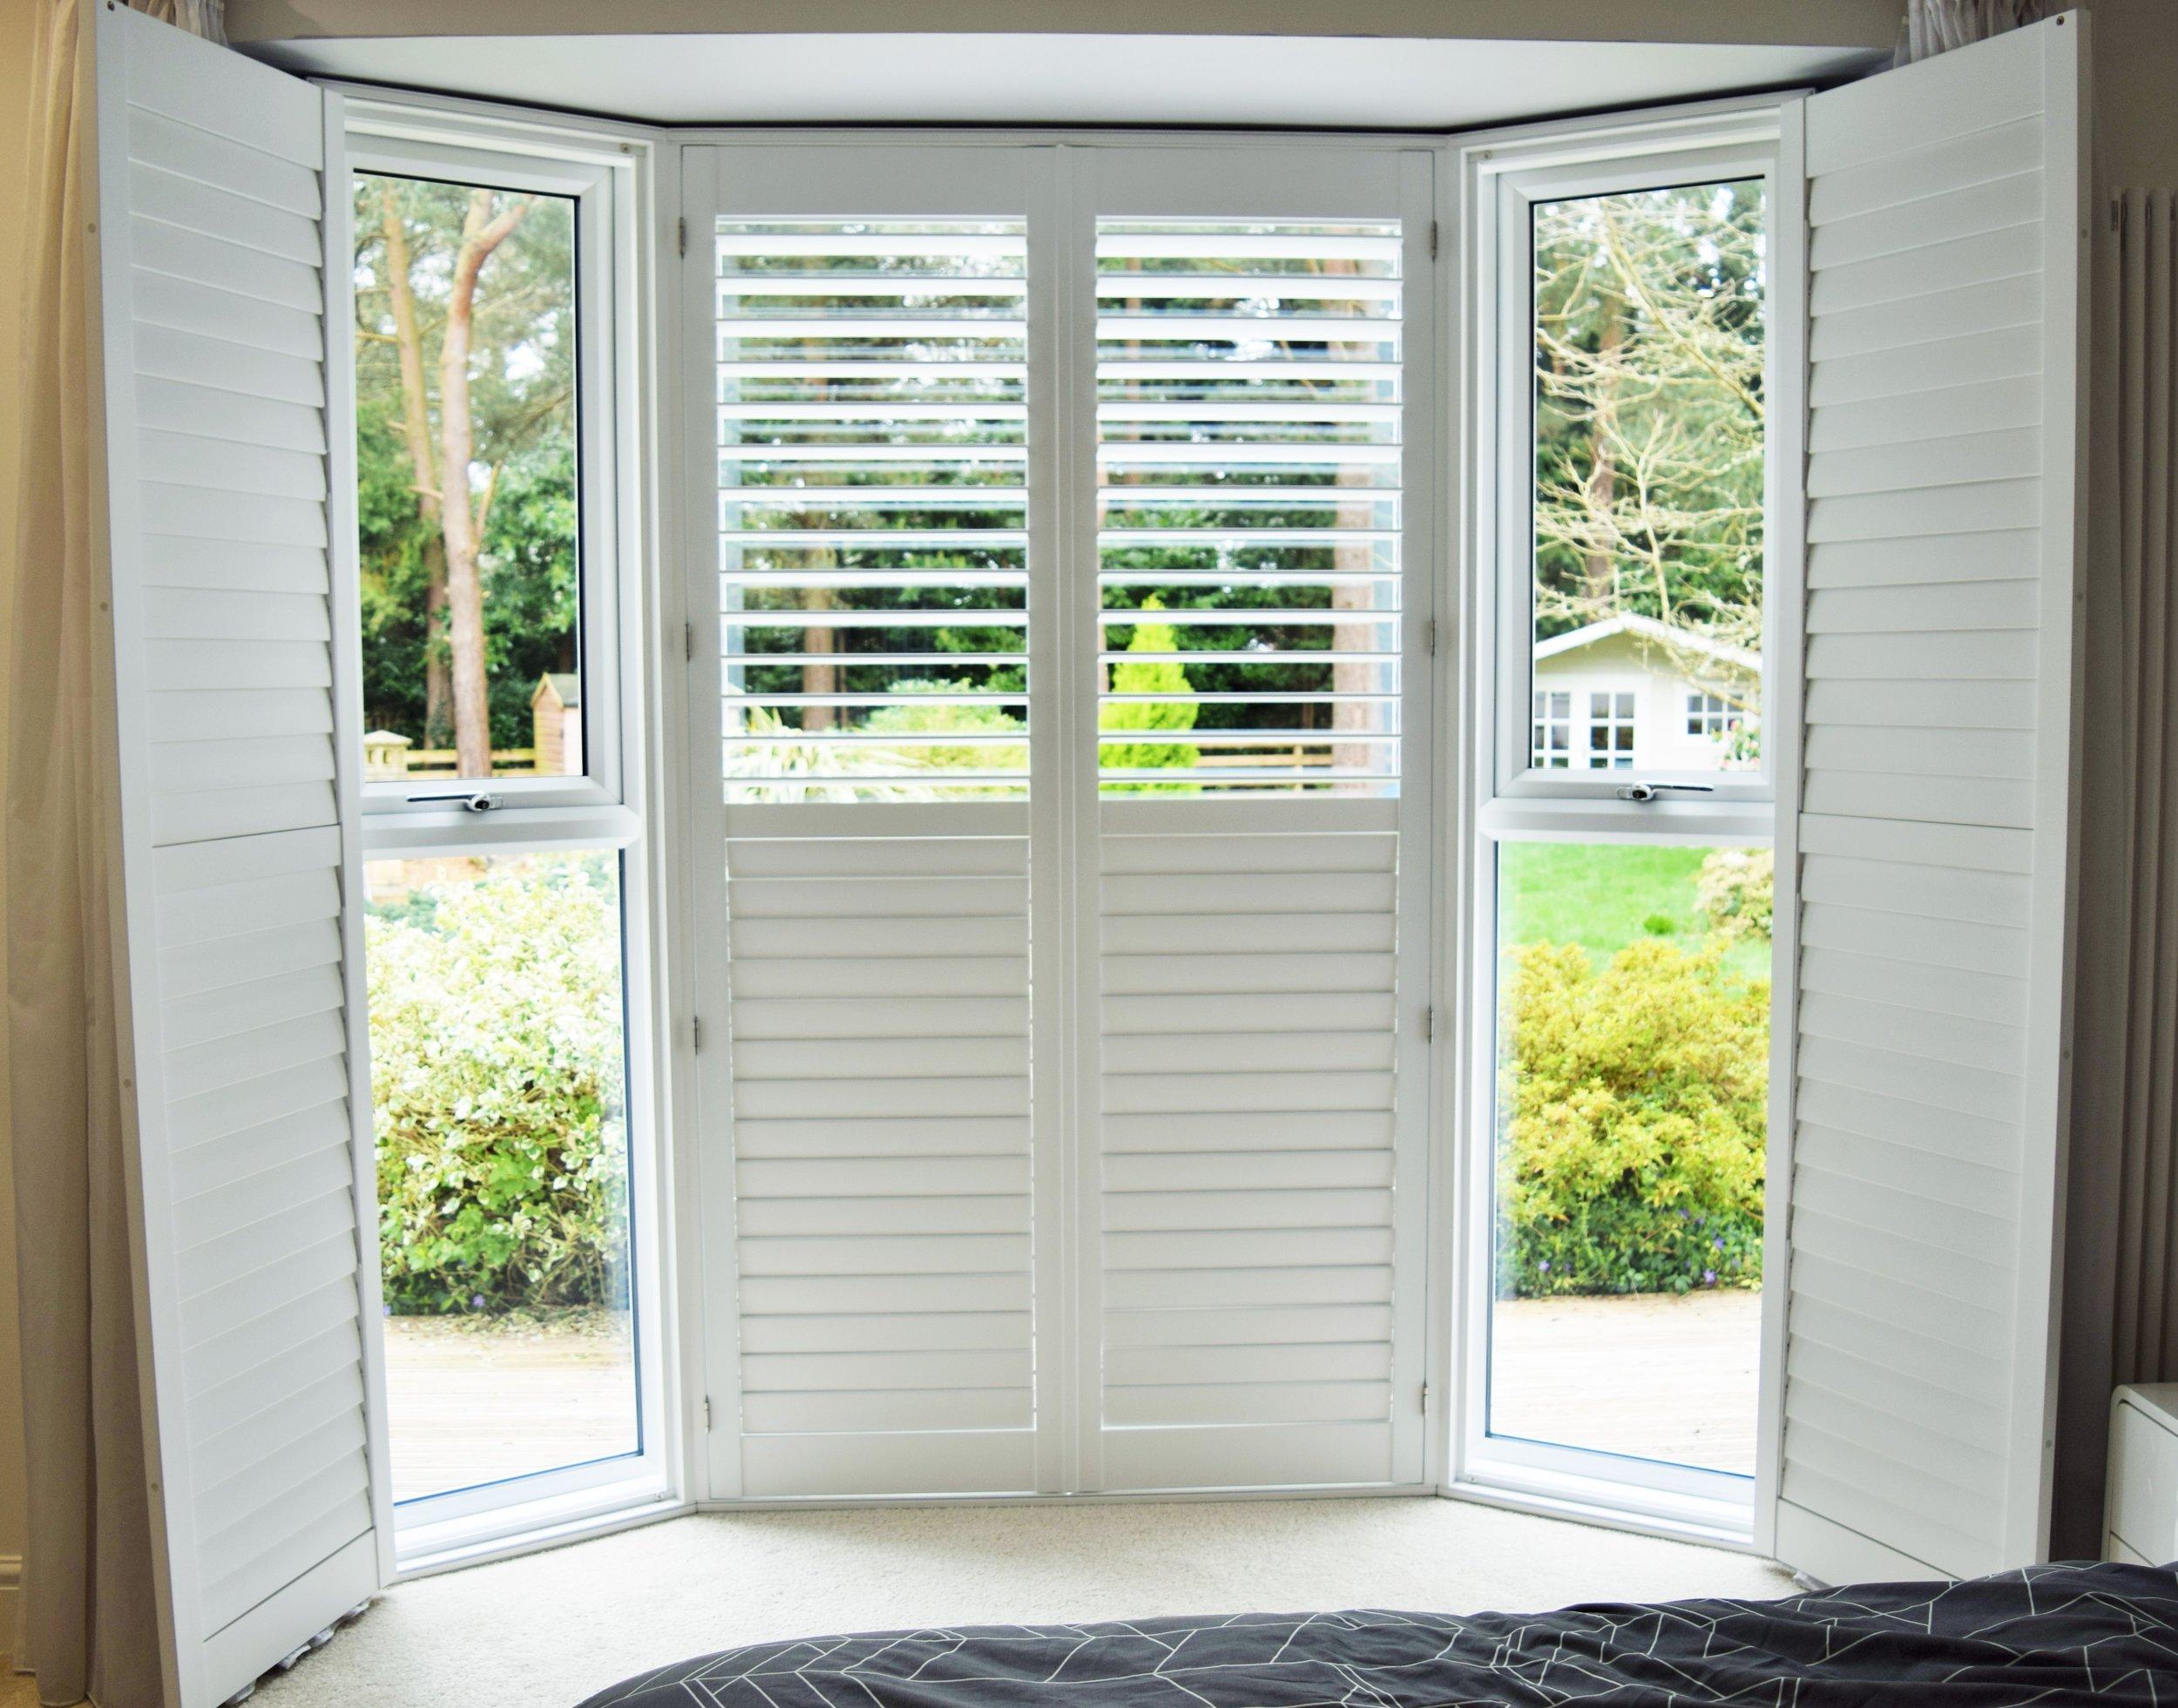 Patio door shutters open Ringwood.JPG